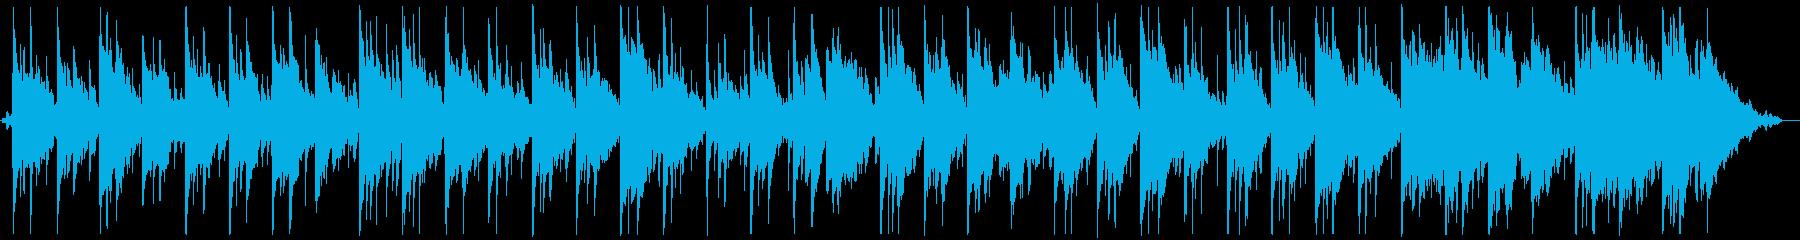 トロピカル コーポレート アクティ...の再生済みの波形